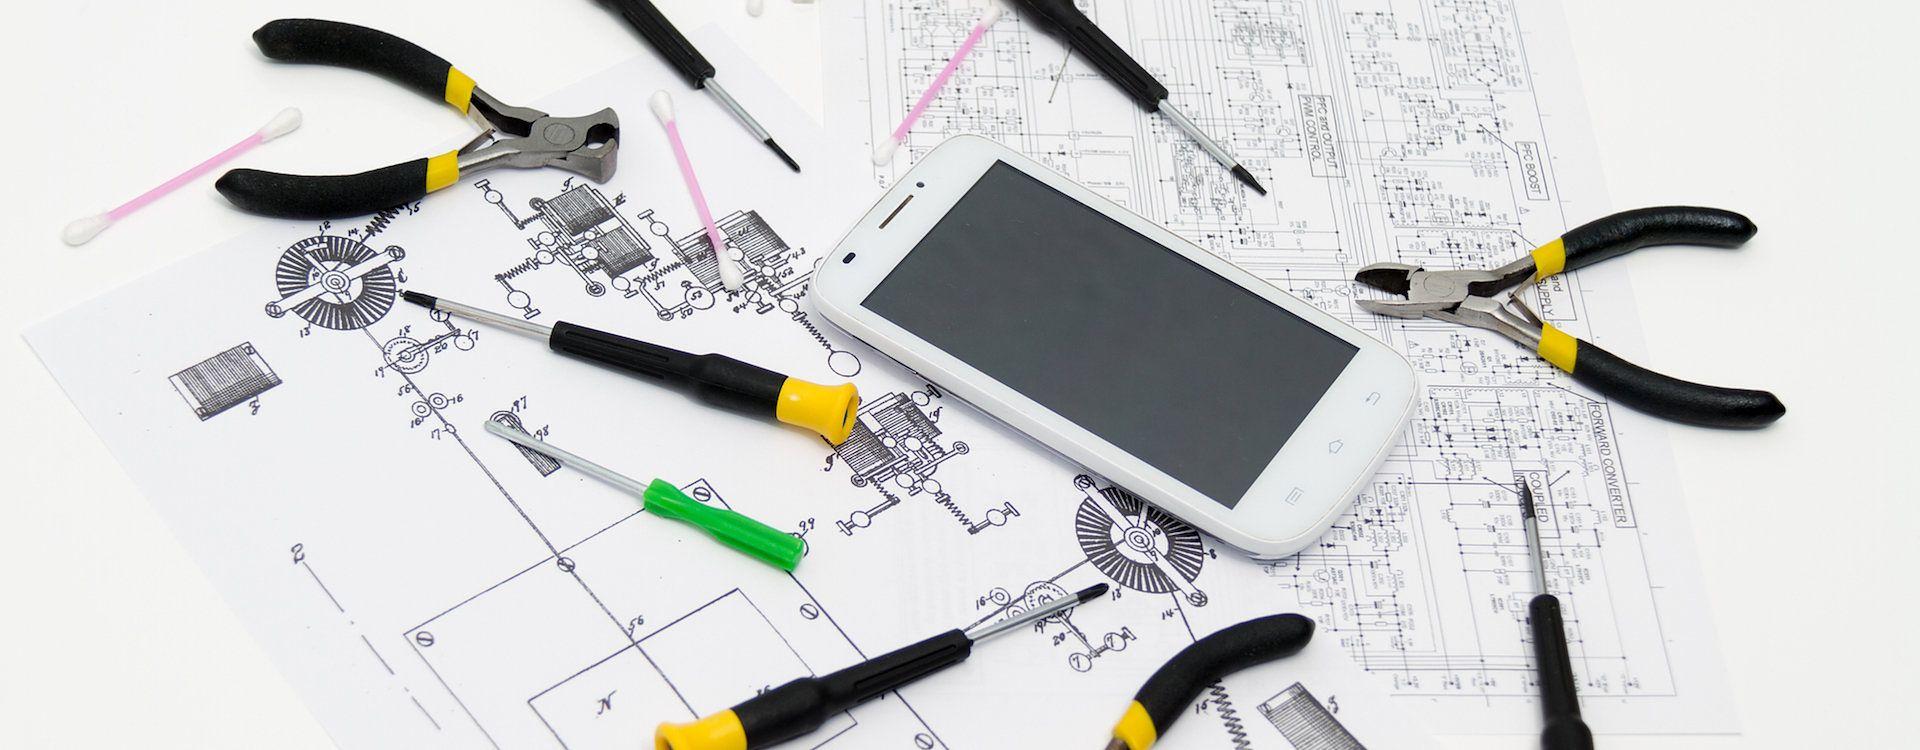 Smartfon i narzędzia